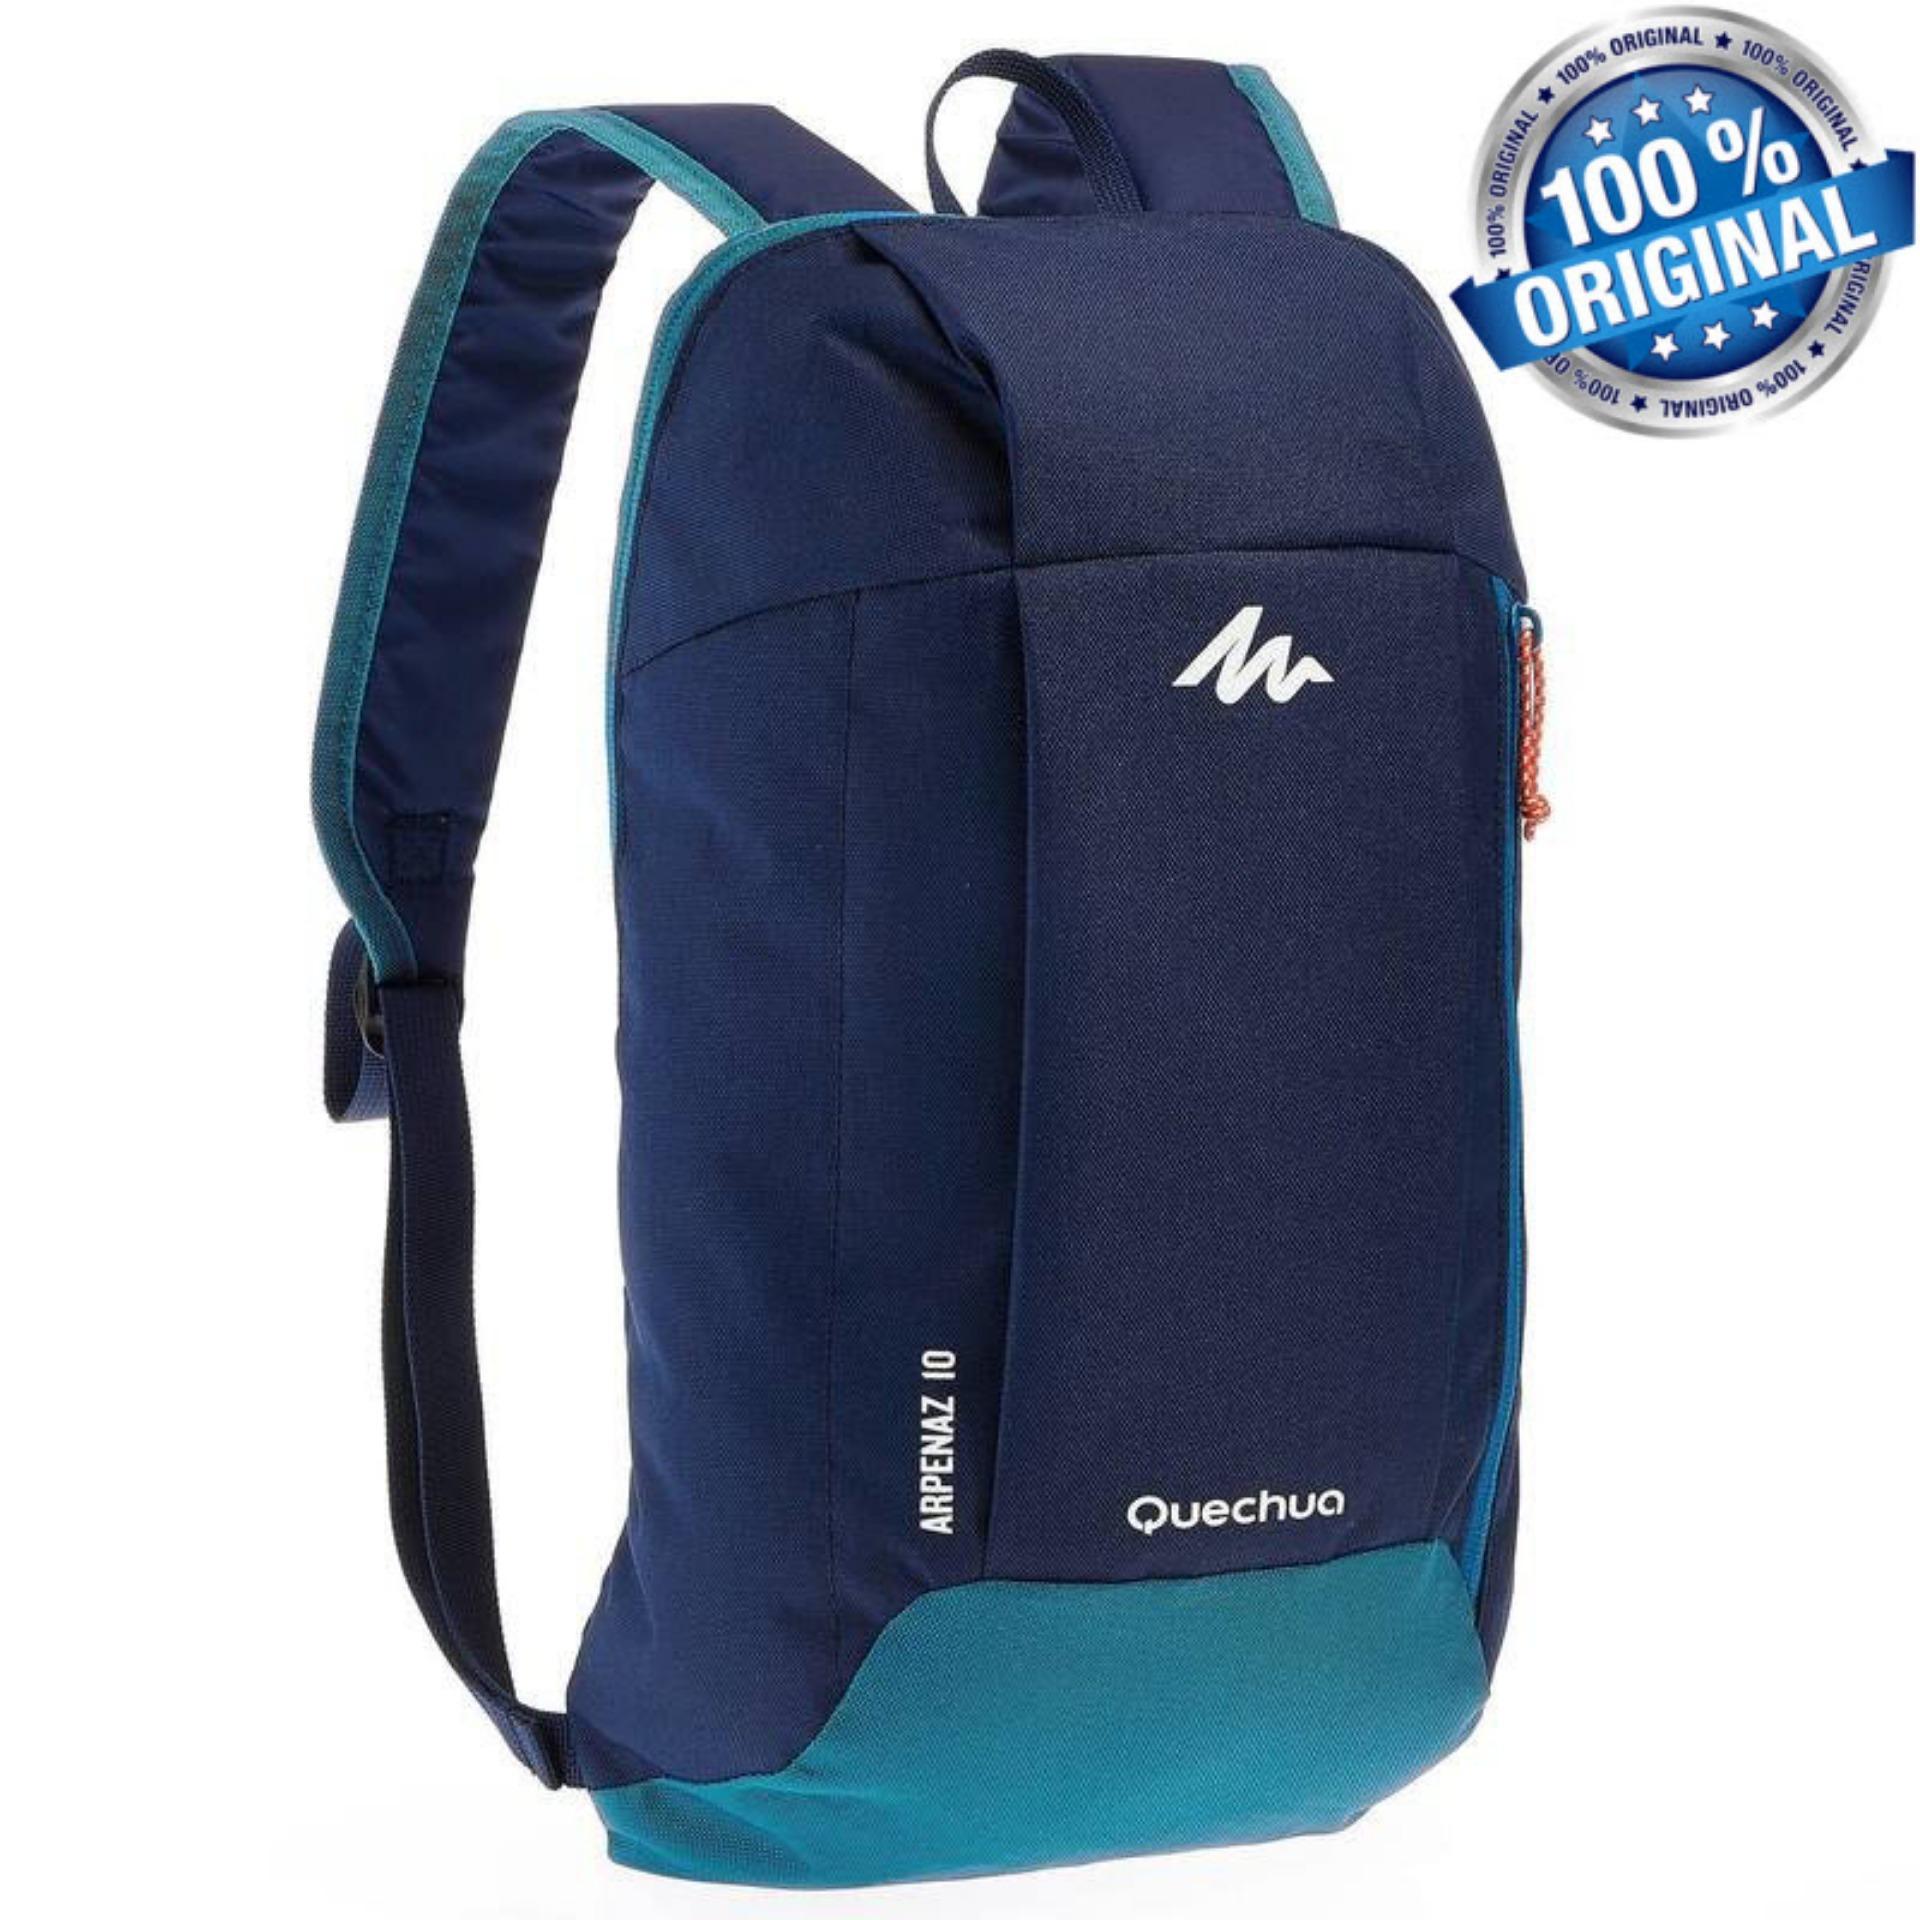 Jual Tas Ransel Sport Wanita Terbaru Gendong Pria Outdoor Original Branded Unisex Multipurpose Backpack Msr219 Kecil Harian Dewasa Anak Laki